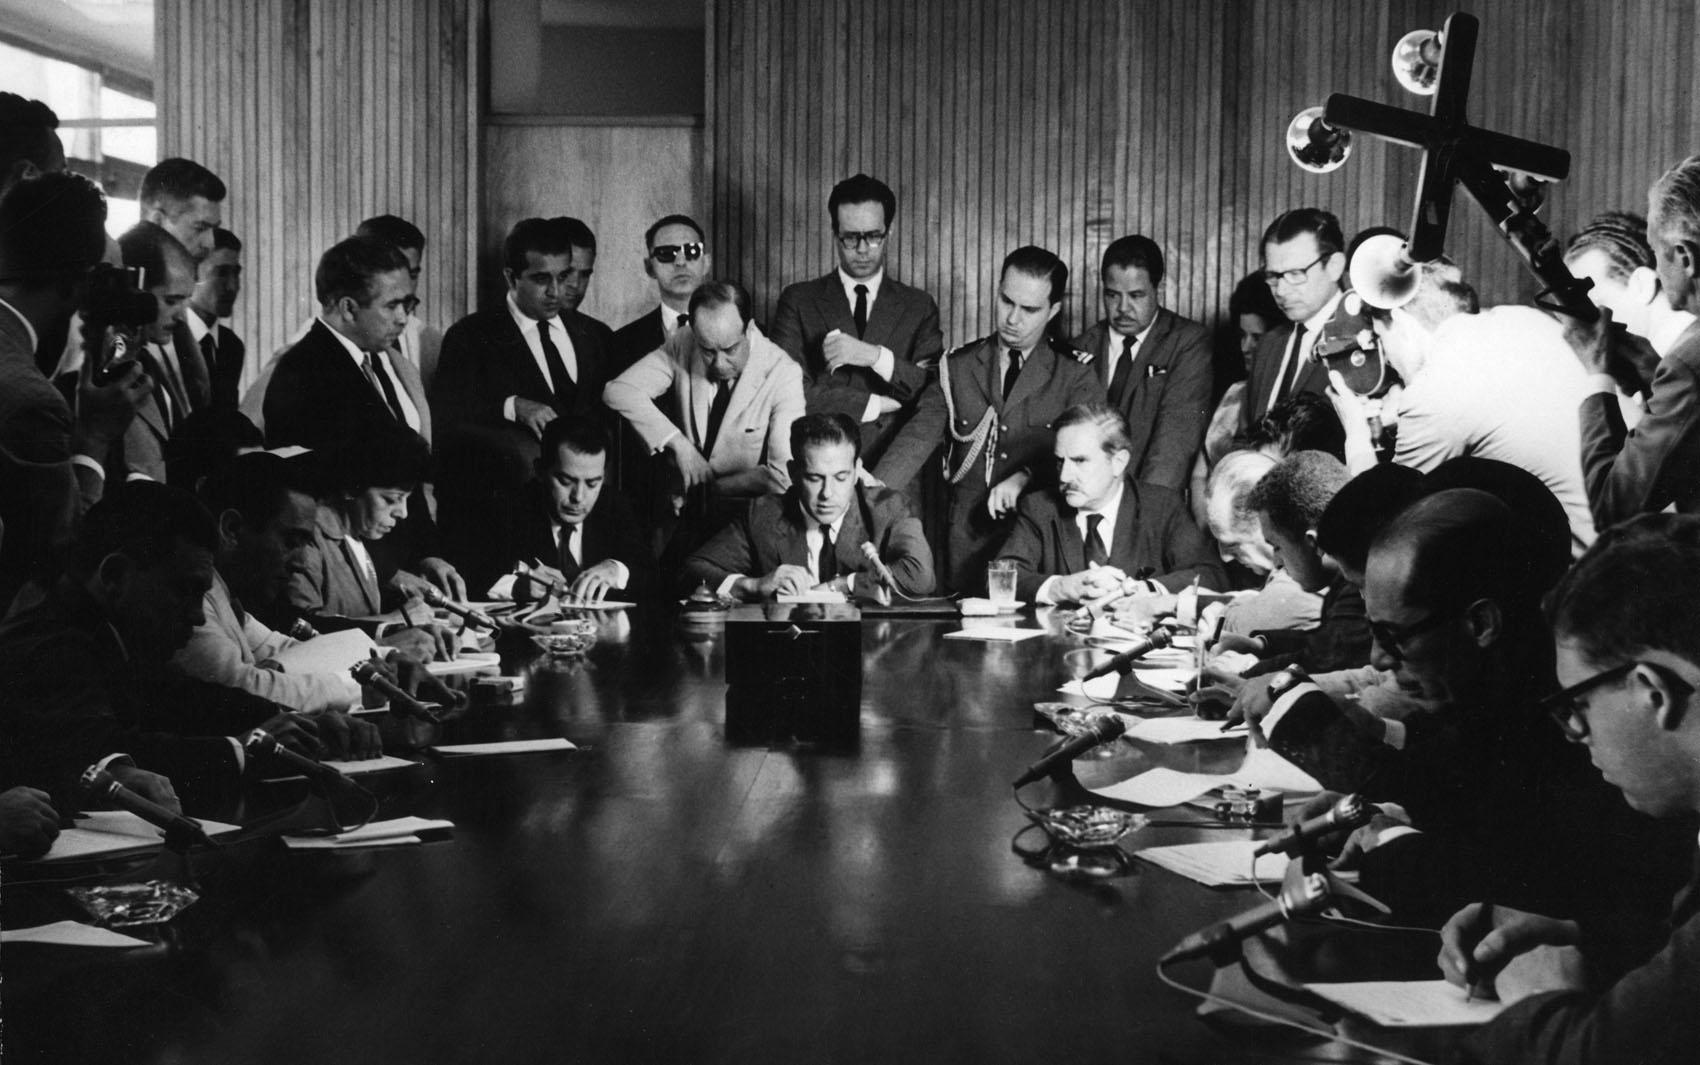 O presidente João Goulart (centro) durante entrevista coletiva em 31 de janeiro de 1963